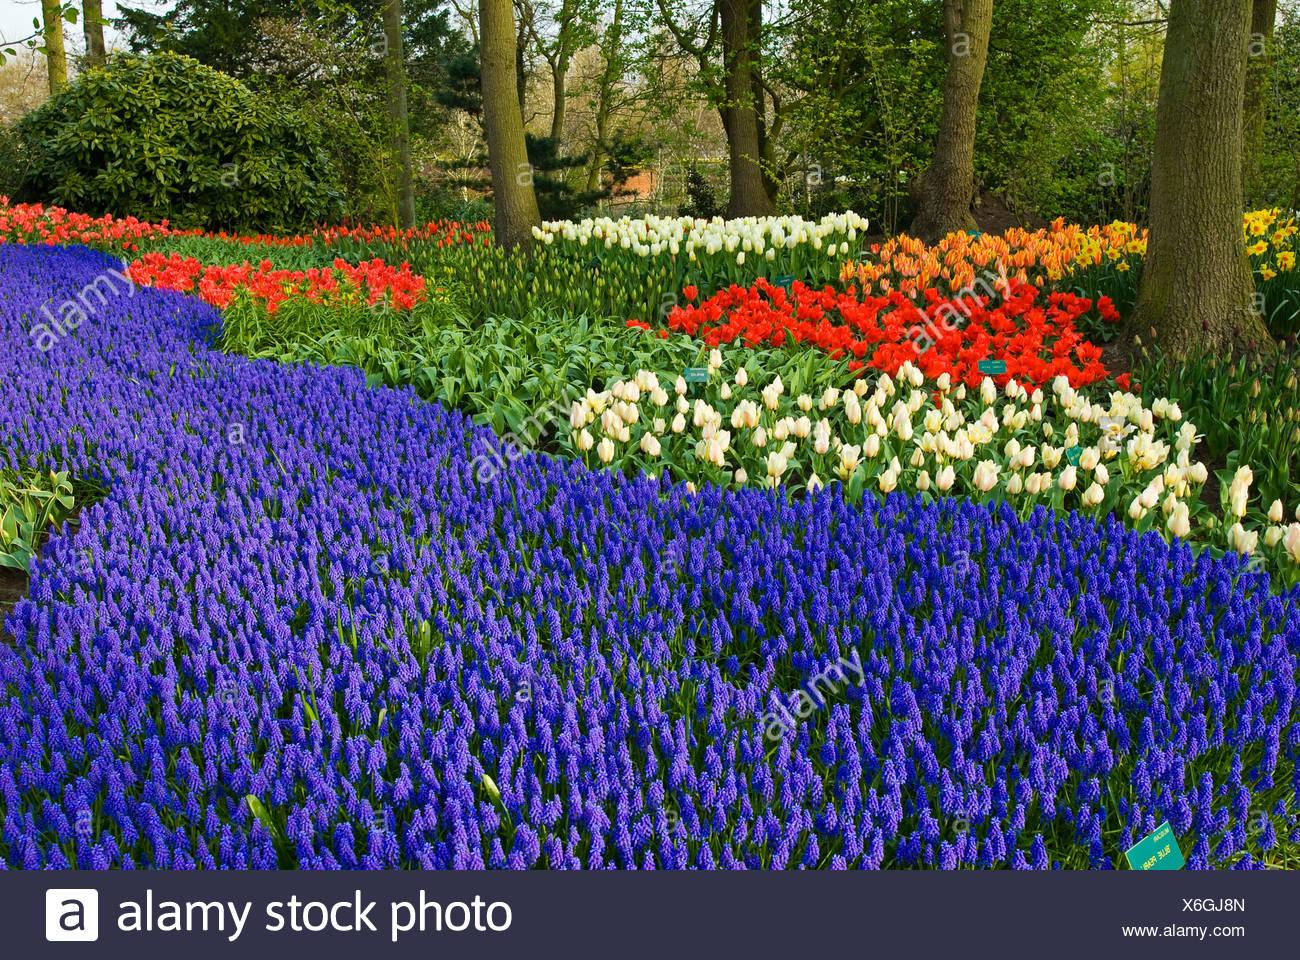 Keukenhof Gardens, Holland, the Netherlands, Europe - Stock Image